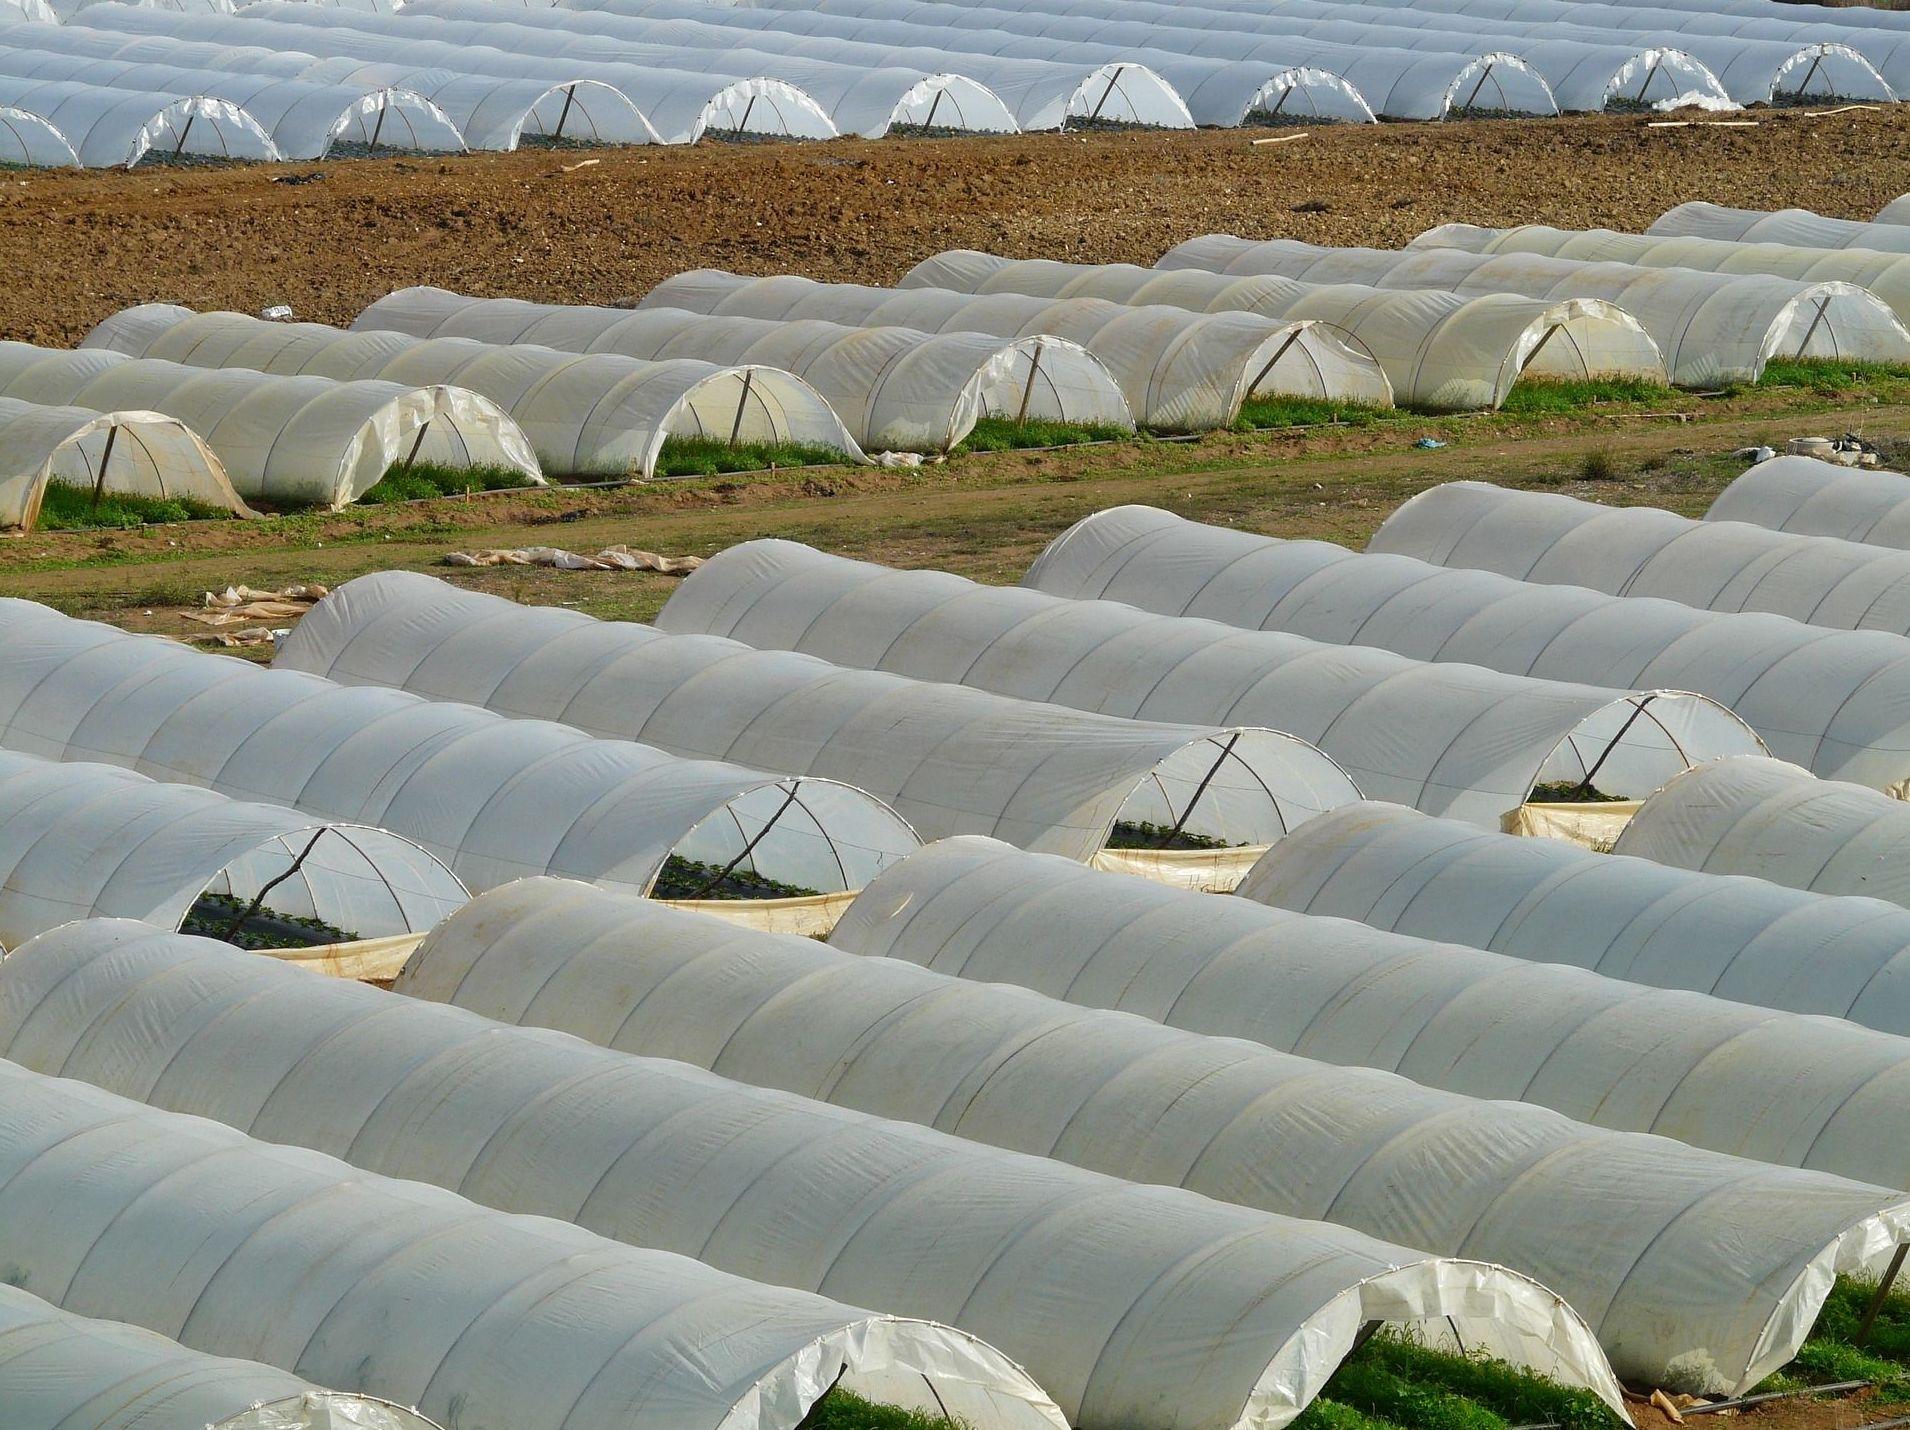 Suministro de materiales para la construcción de invernaderos en Almería